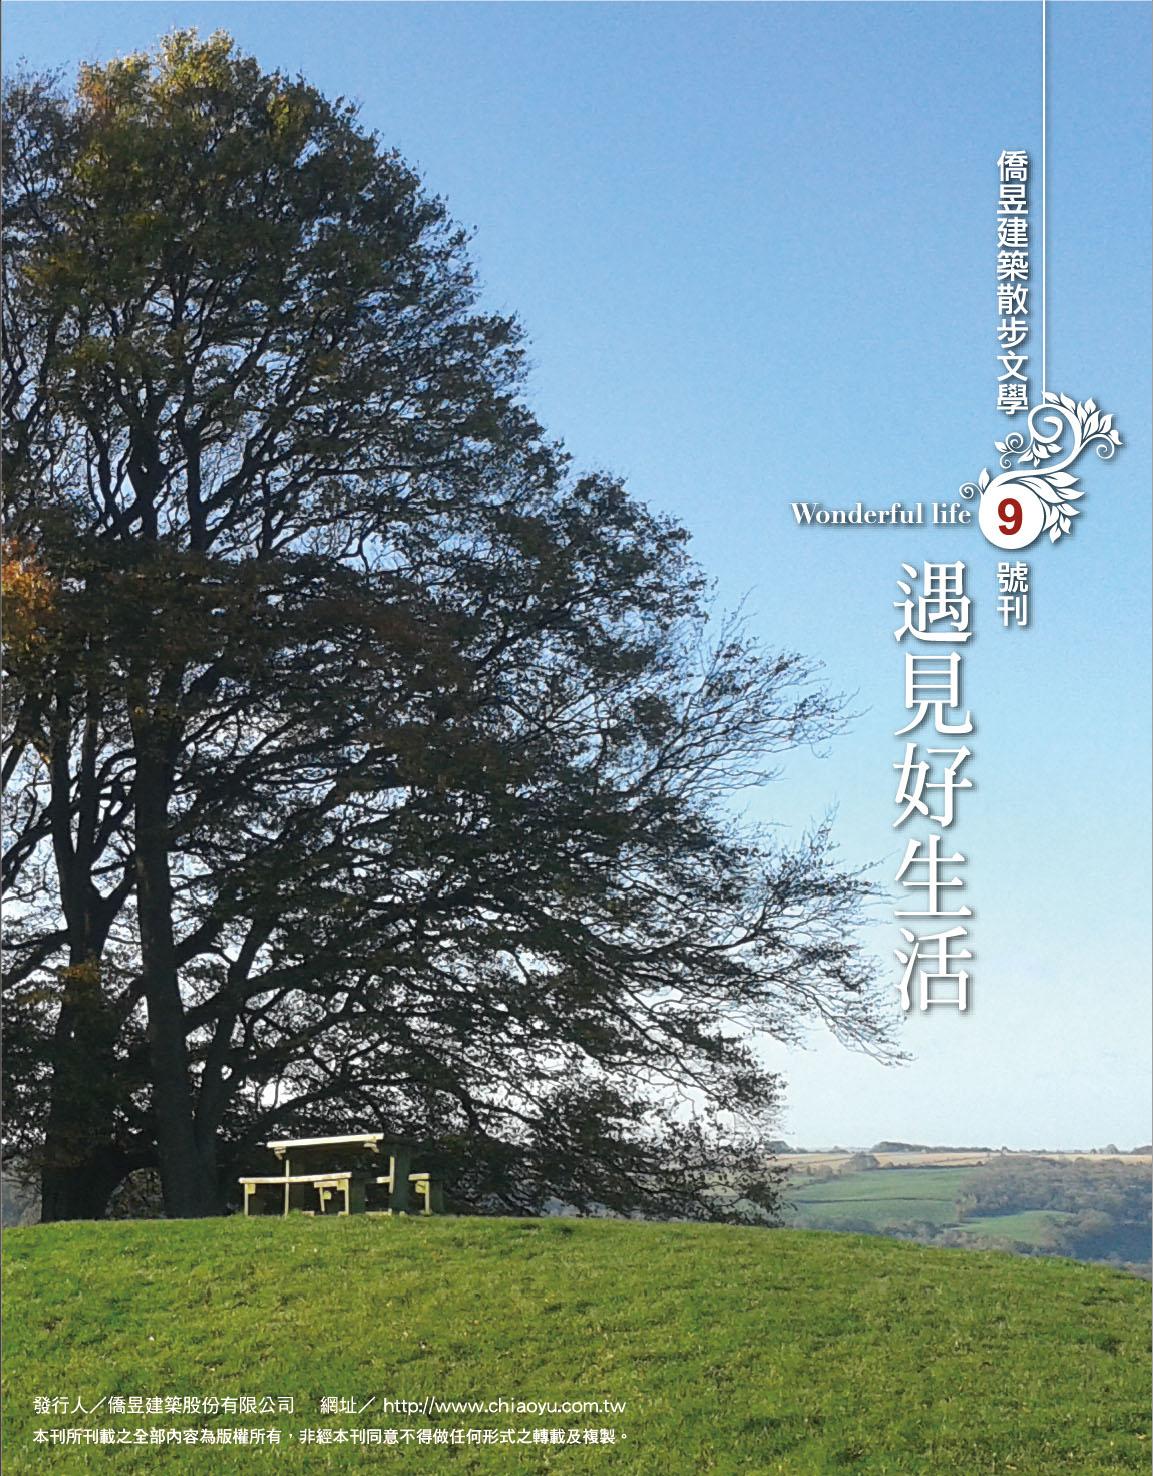 圖片:僑昱建築散步文學9號刊-遇見好生活